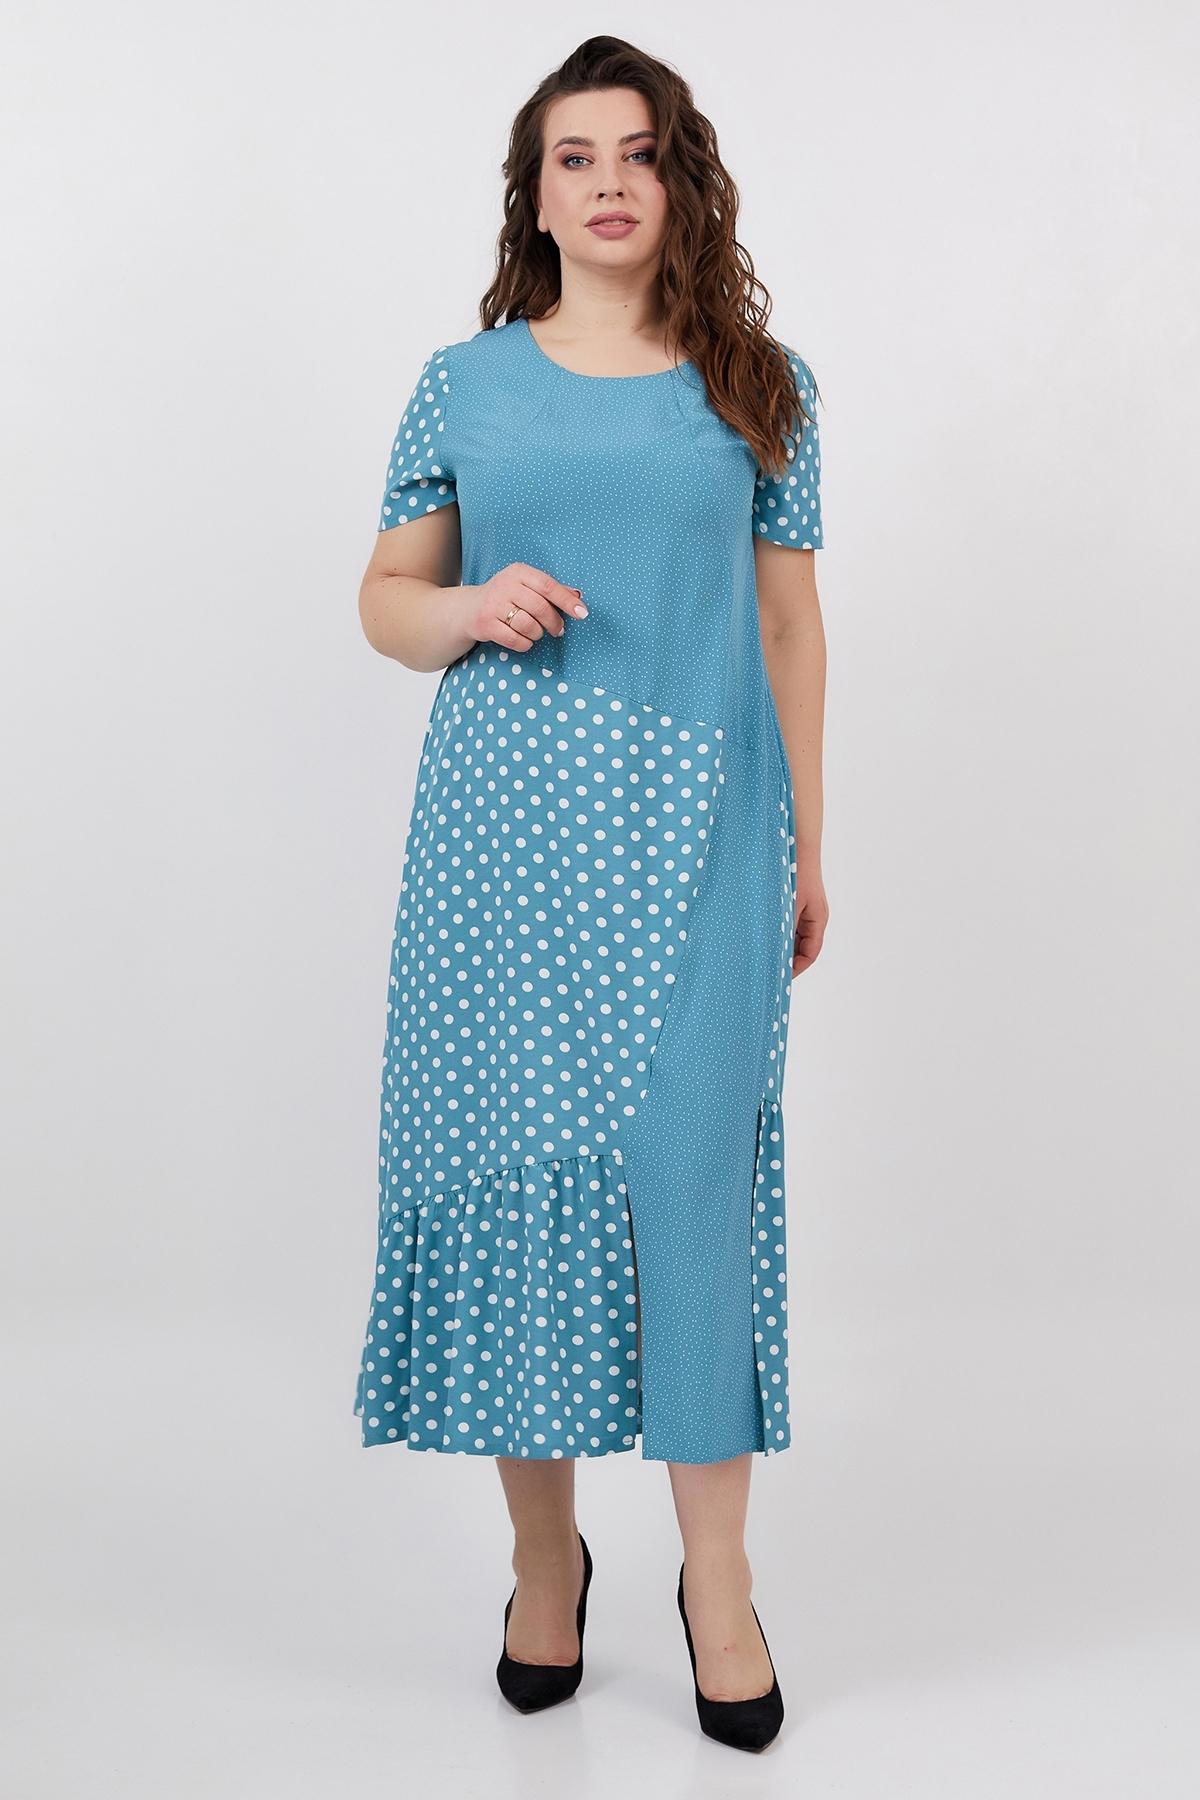 Платье Магдалина (бирюза)